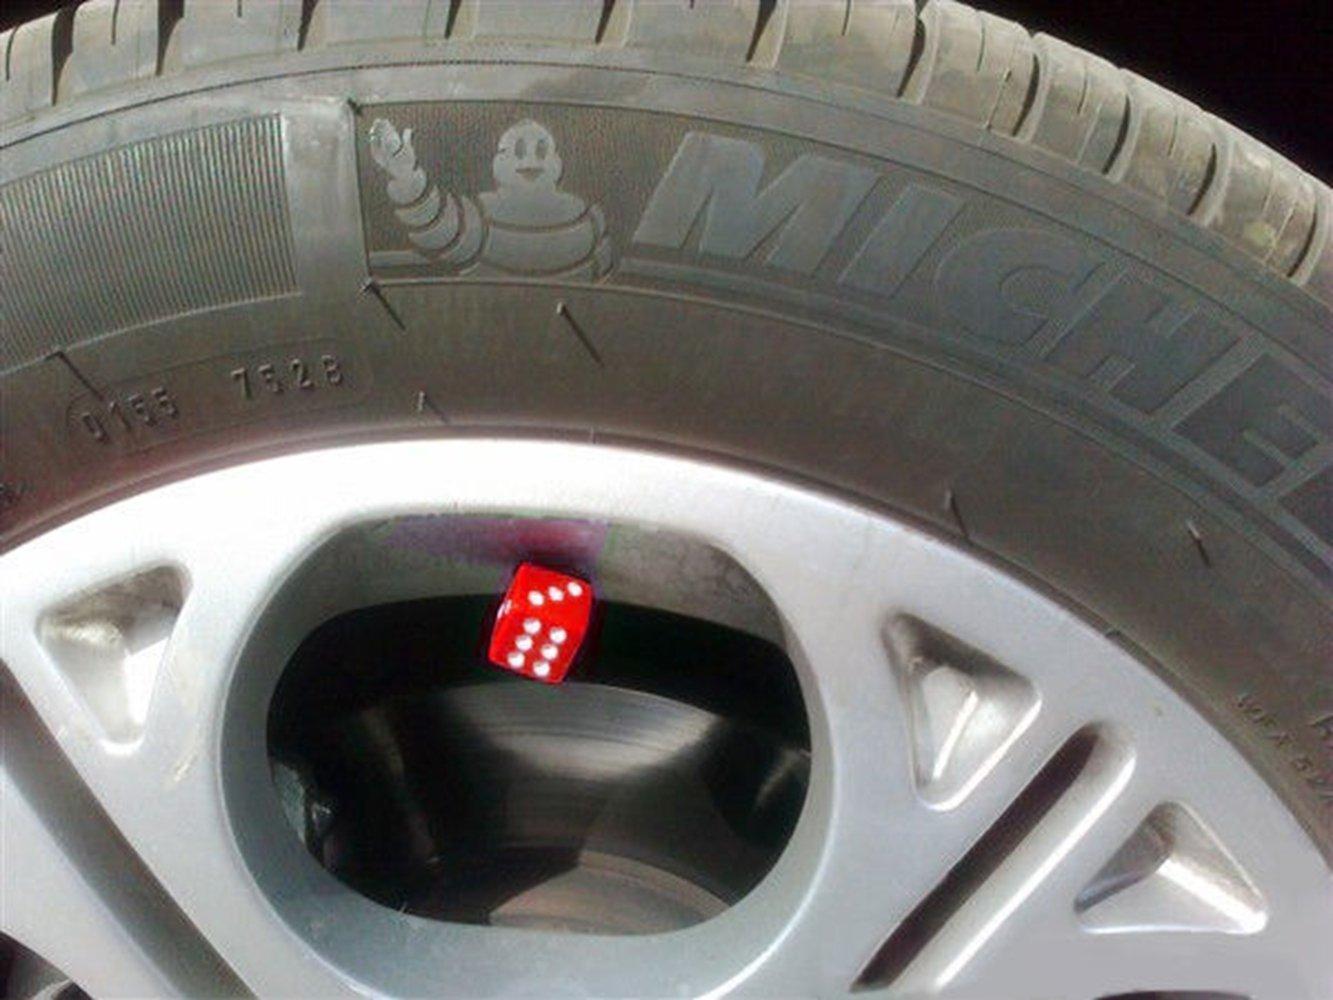 nero Itimo 4pcs dice Air valvola del pneumatico auto camion Automobiles pneumatico aria delle protezioni antipolvere impermeabile della decorazione auto